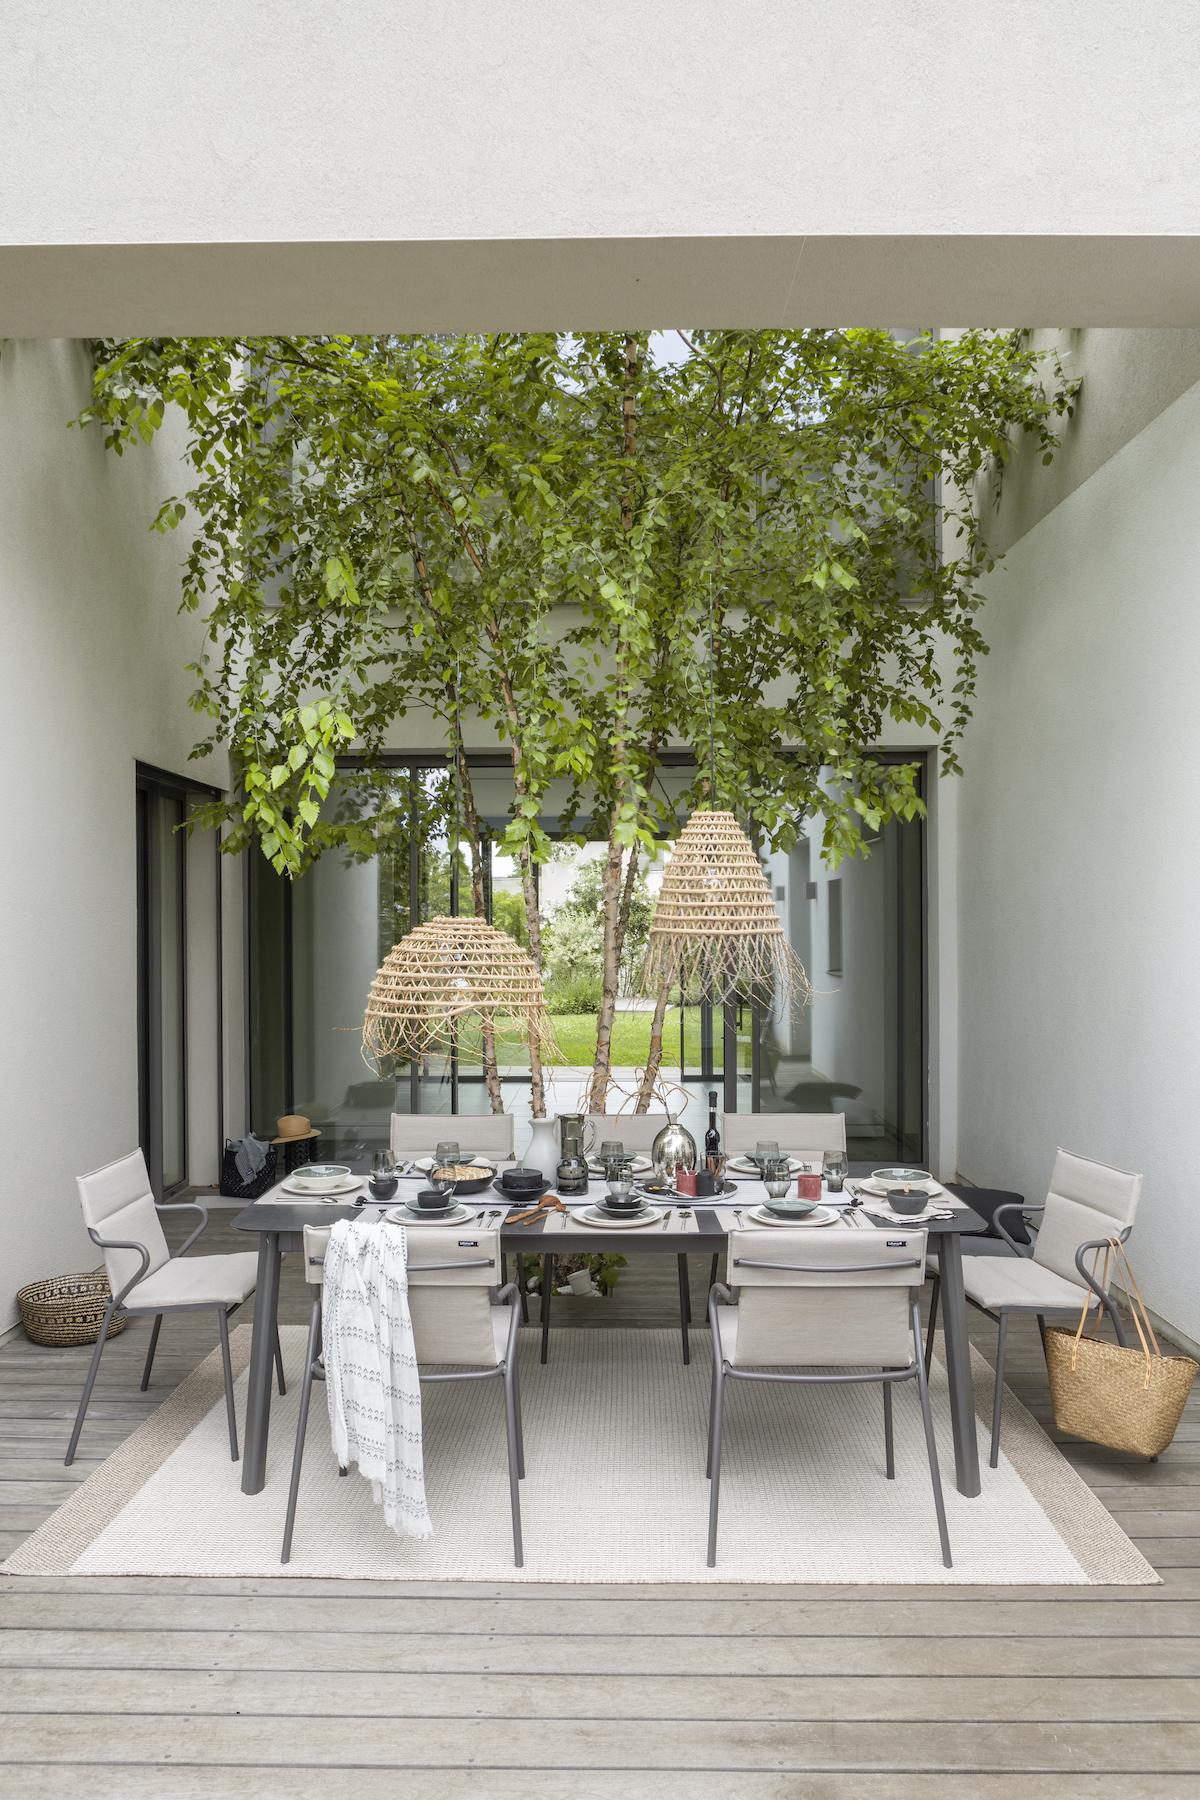 patio cour intérieure maison table extérieur grise chaise fauteuil beige empilable